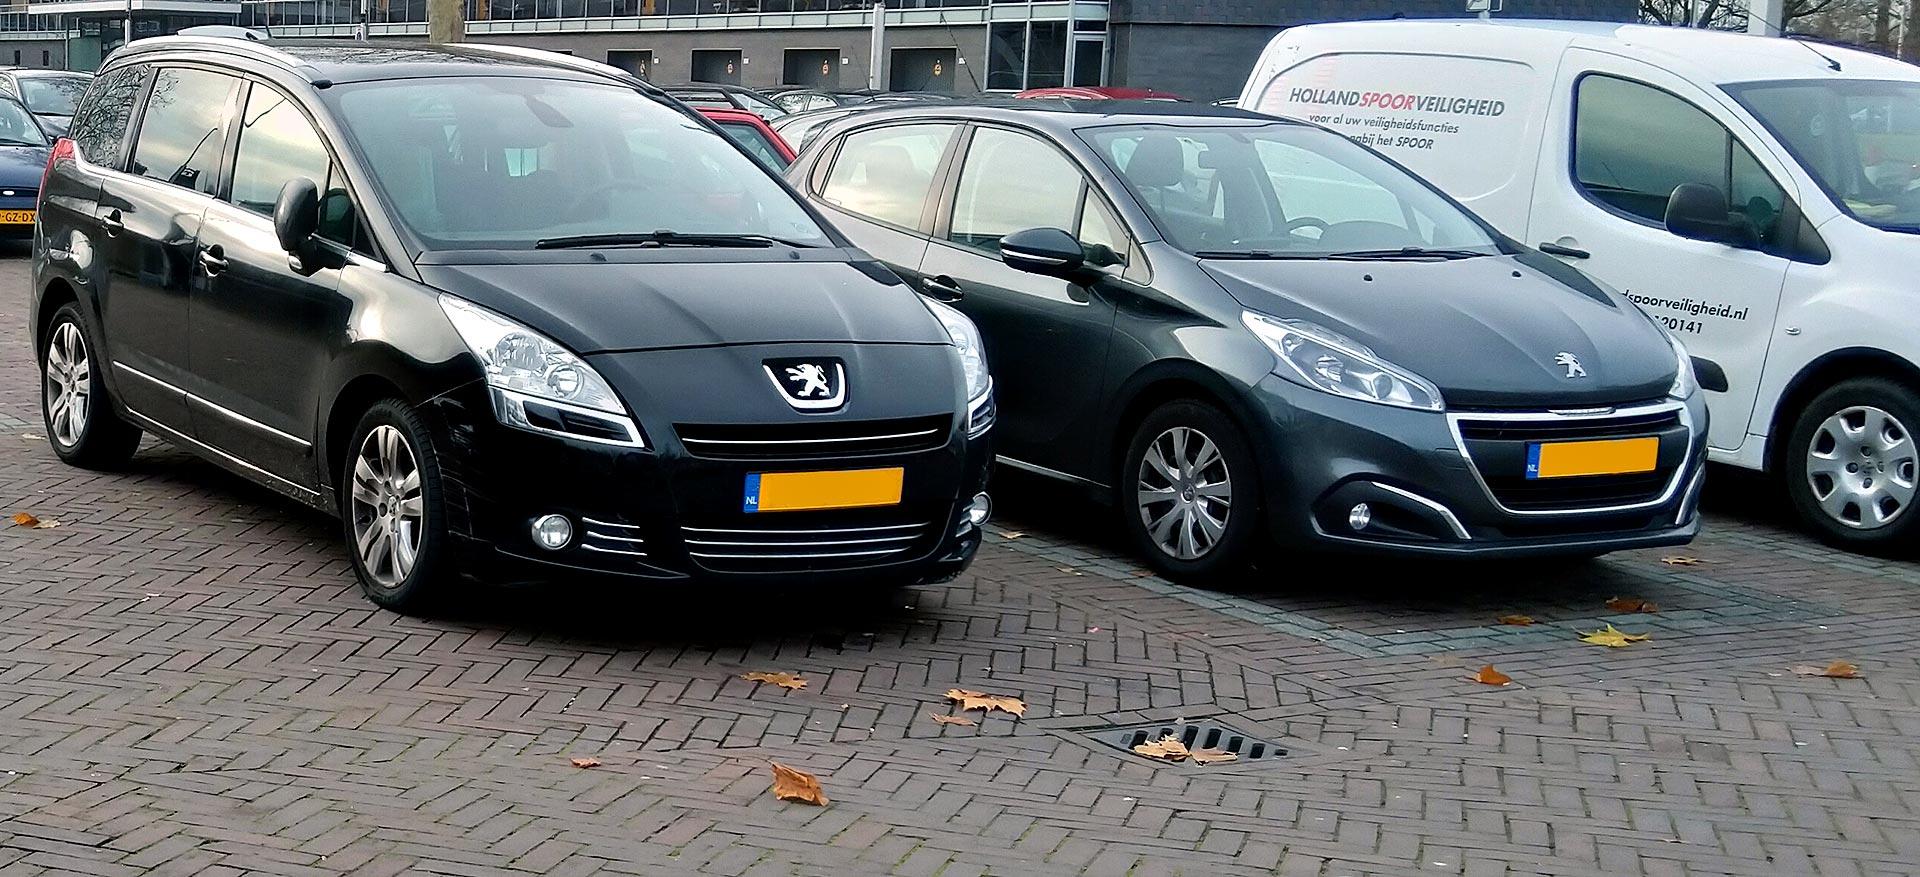 parkeren Werefreidplein